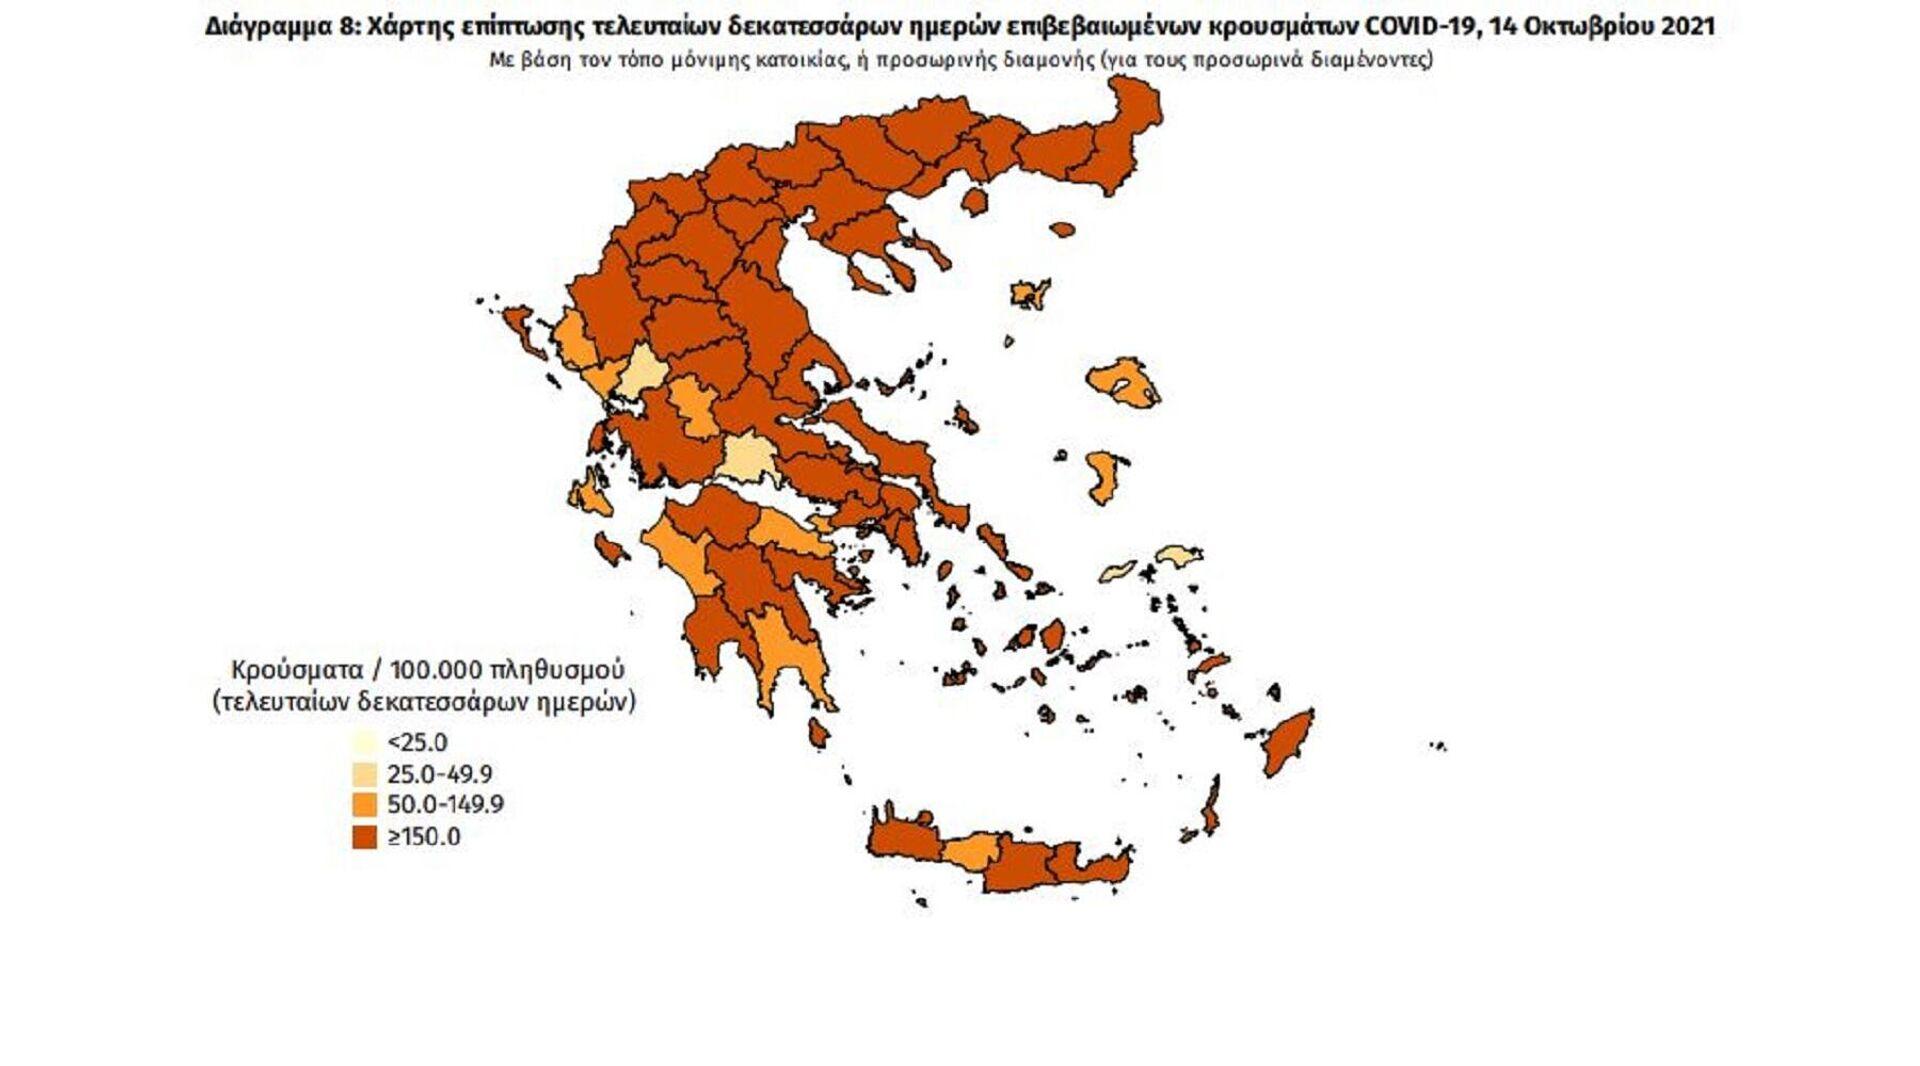 Χάρτης επίπτωσης τελευταίων δεκατεσσάρων ημερών επιβεβαιωμένων κρουσμάτων COVID-19, 14 Οκτωβρίου 2021 - Sputnik Ελλάδα, 1920, 14.10.2021